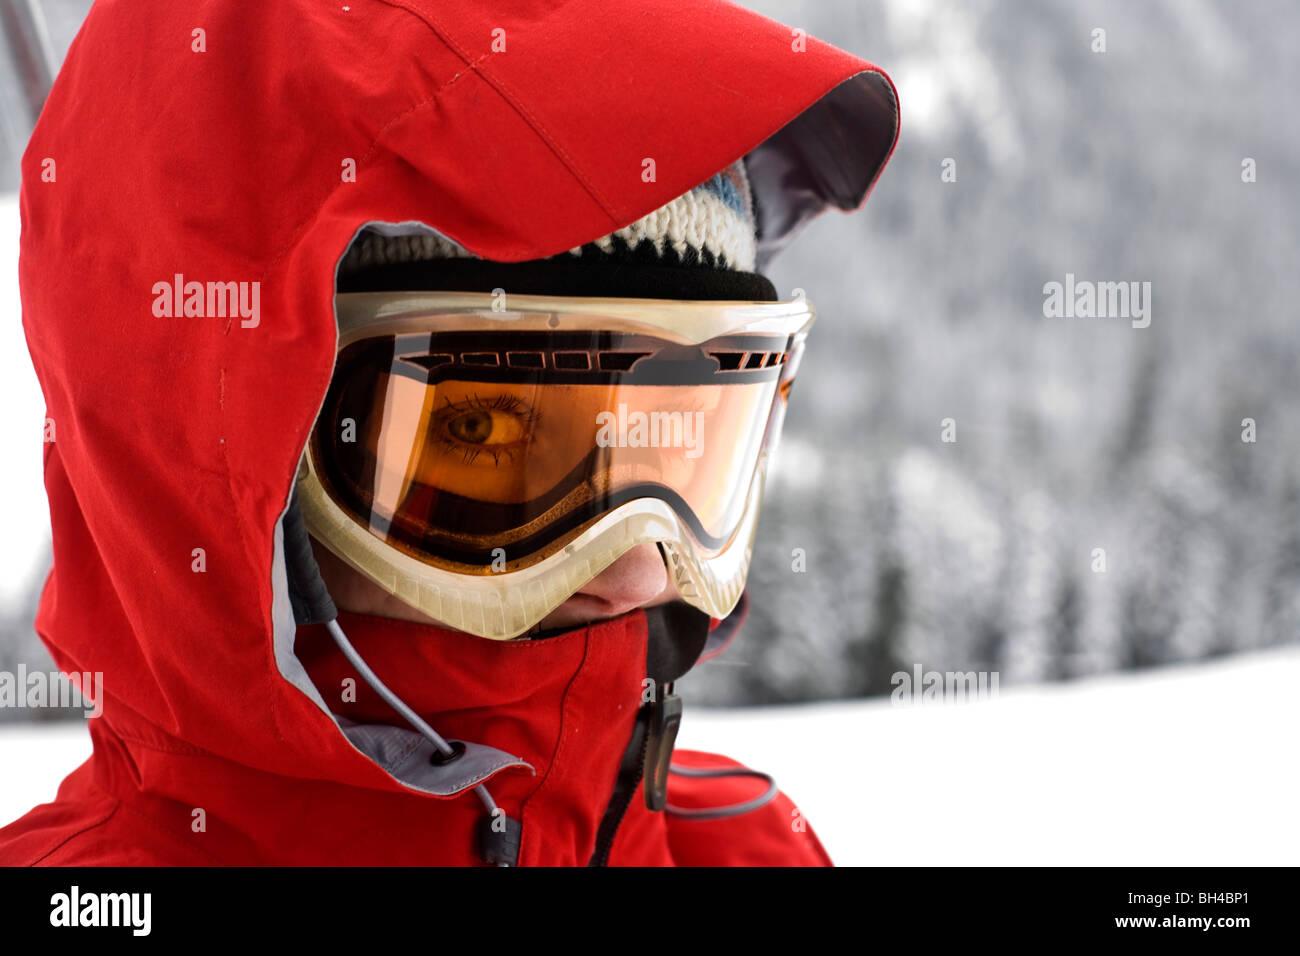 Un close-up retrato de una mujer vistiendo un abrigo rojo, gafas de sol y de esquí Ski cap mirando directamente Imagen De Stock